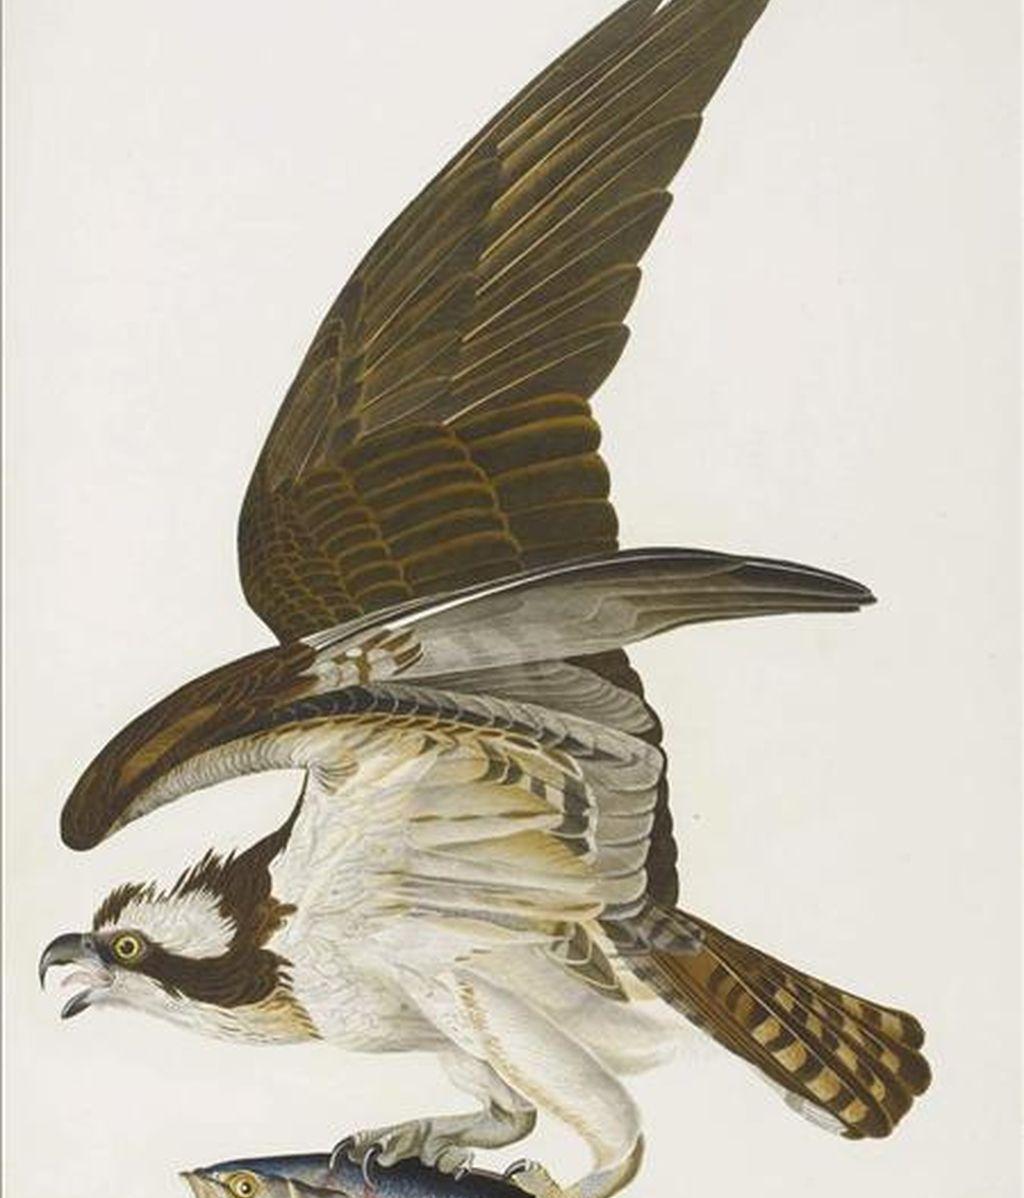 Foto sin fechar, facilitada por la casa de subastas Sotheby's hoy, que muestra una de las ilustraciones de que aparecen en el libro 'Birds of America' (Aves de América), de John James Audubon. EFE/SOTHEBY'S AUCTION HOUSE